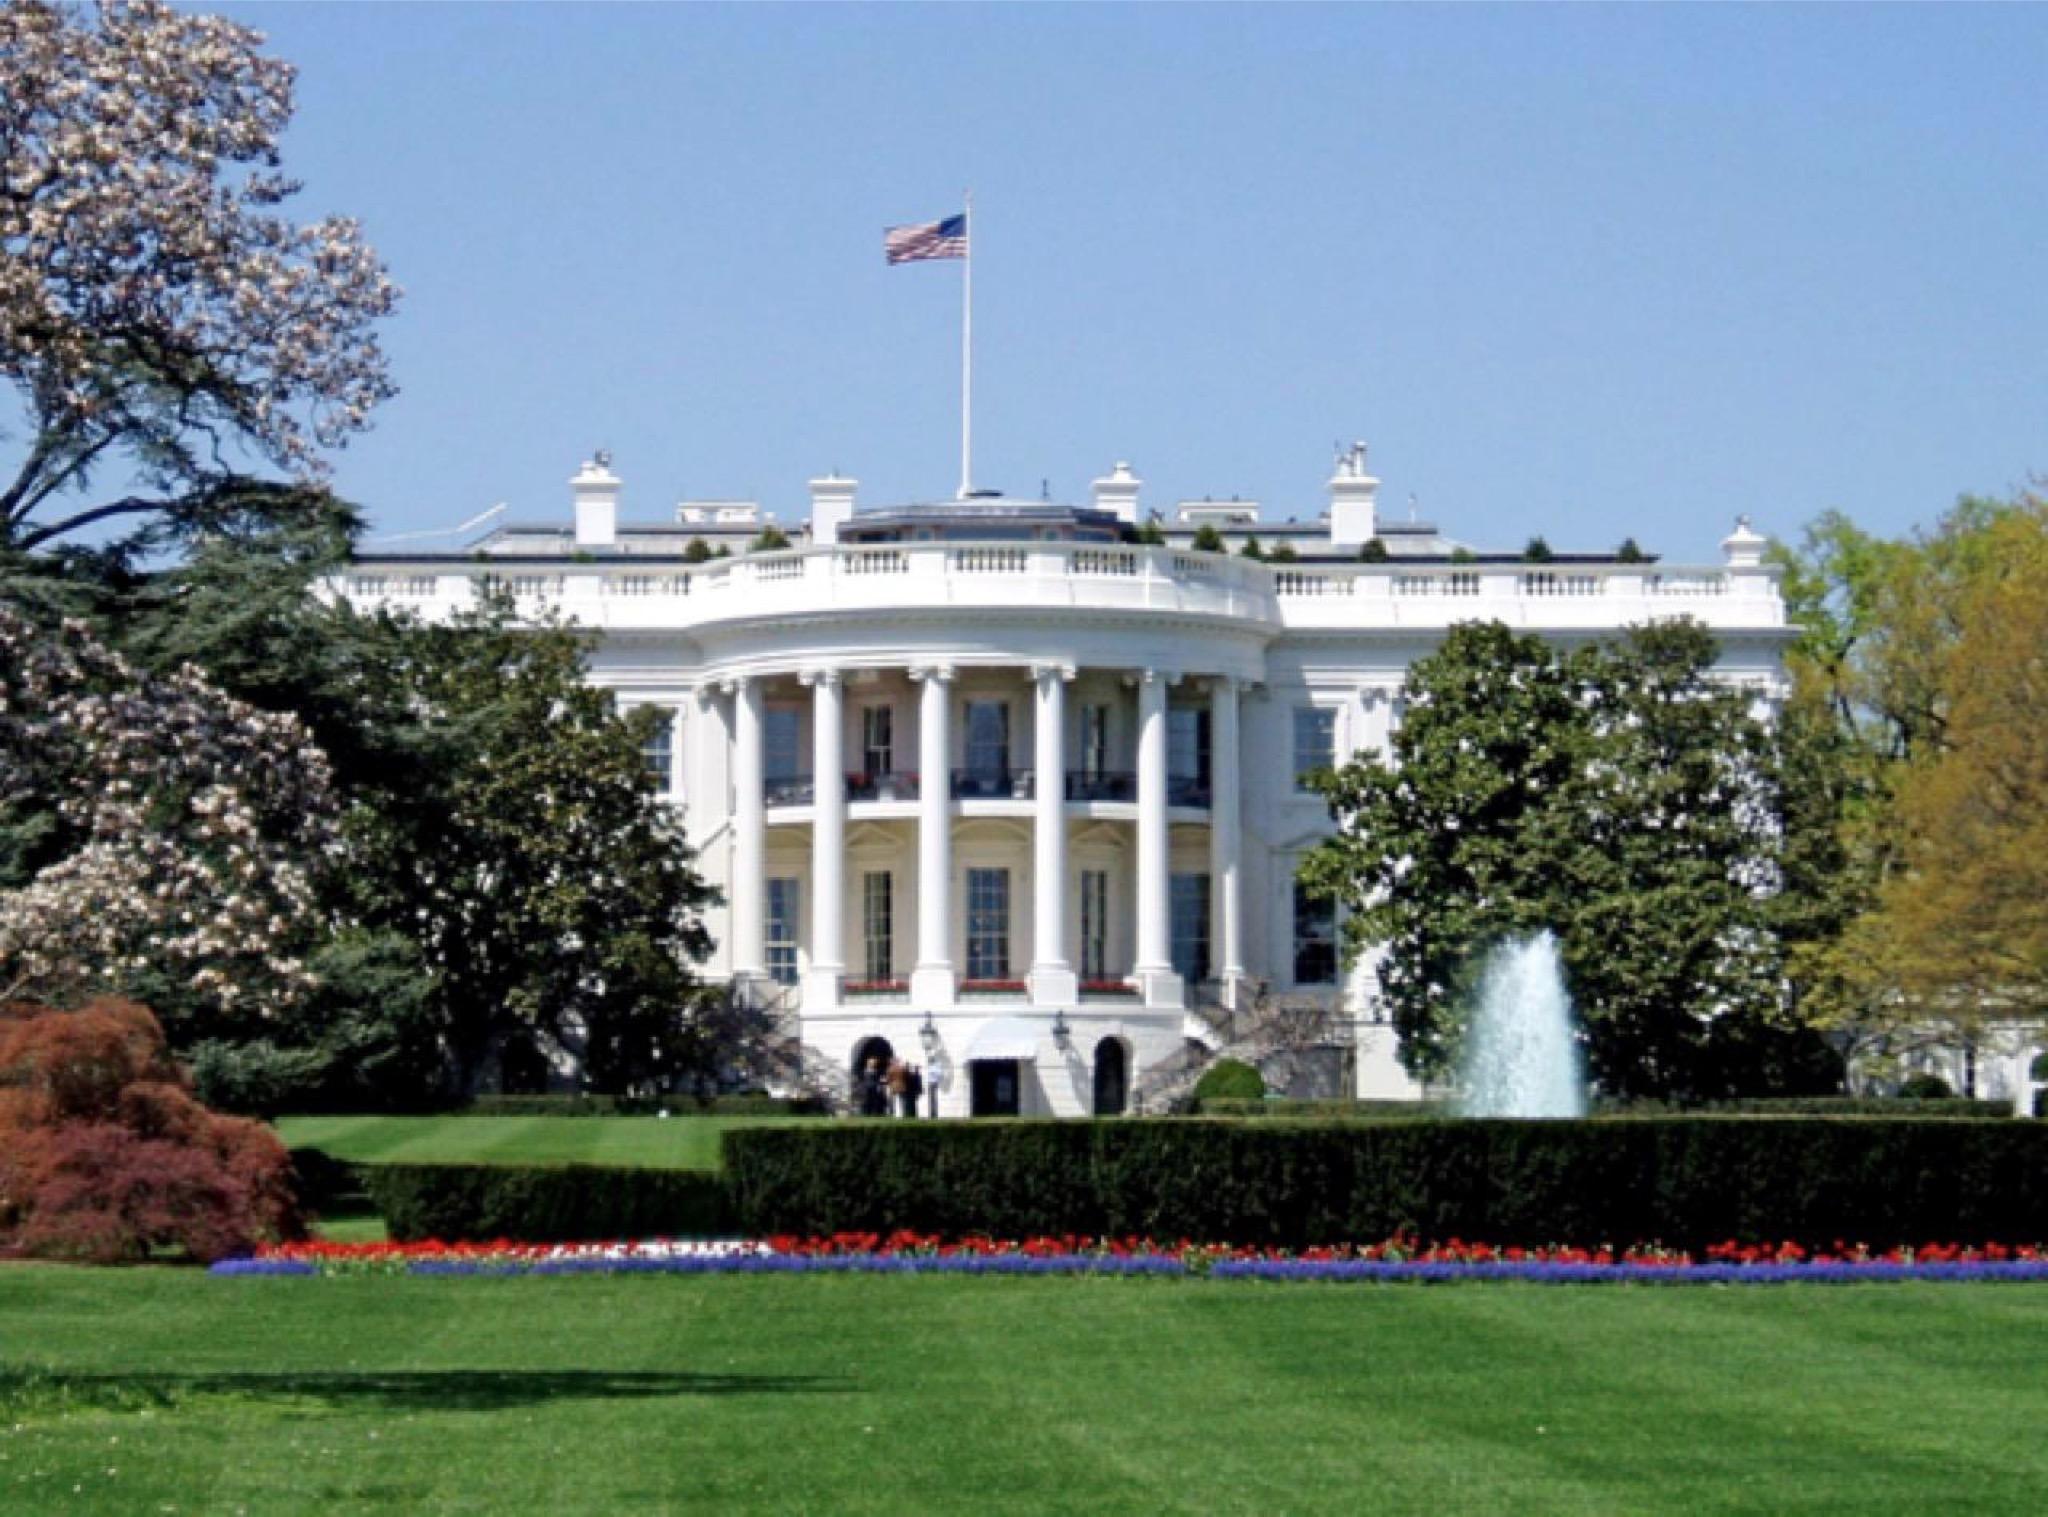 アメリカ合衆国大統領選挙の参考サイト・リンク集シリーズ